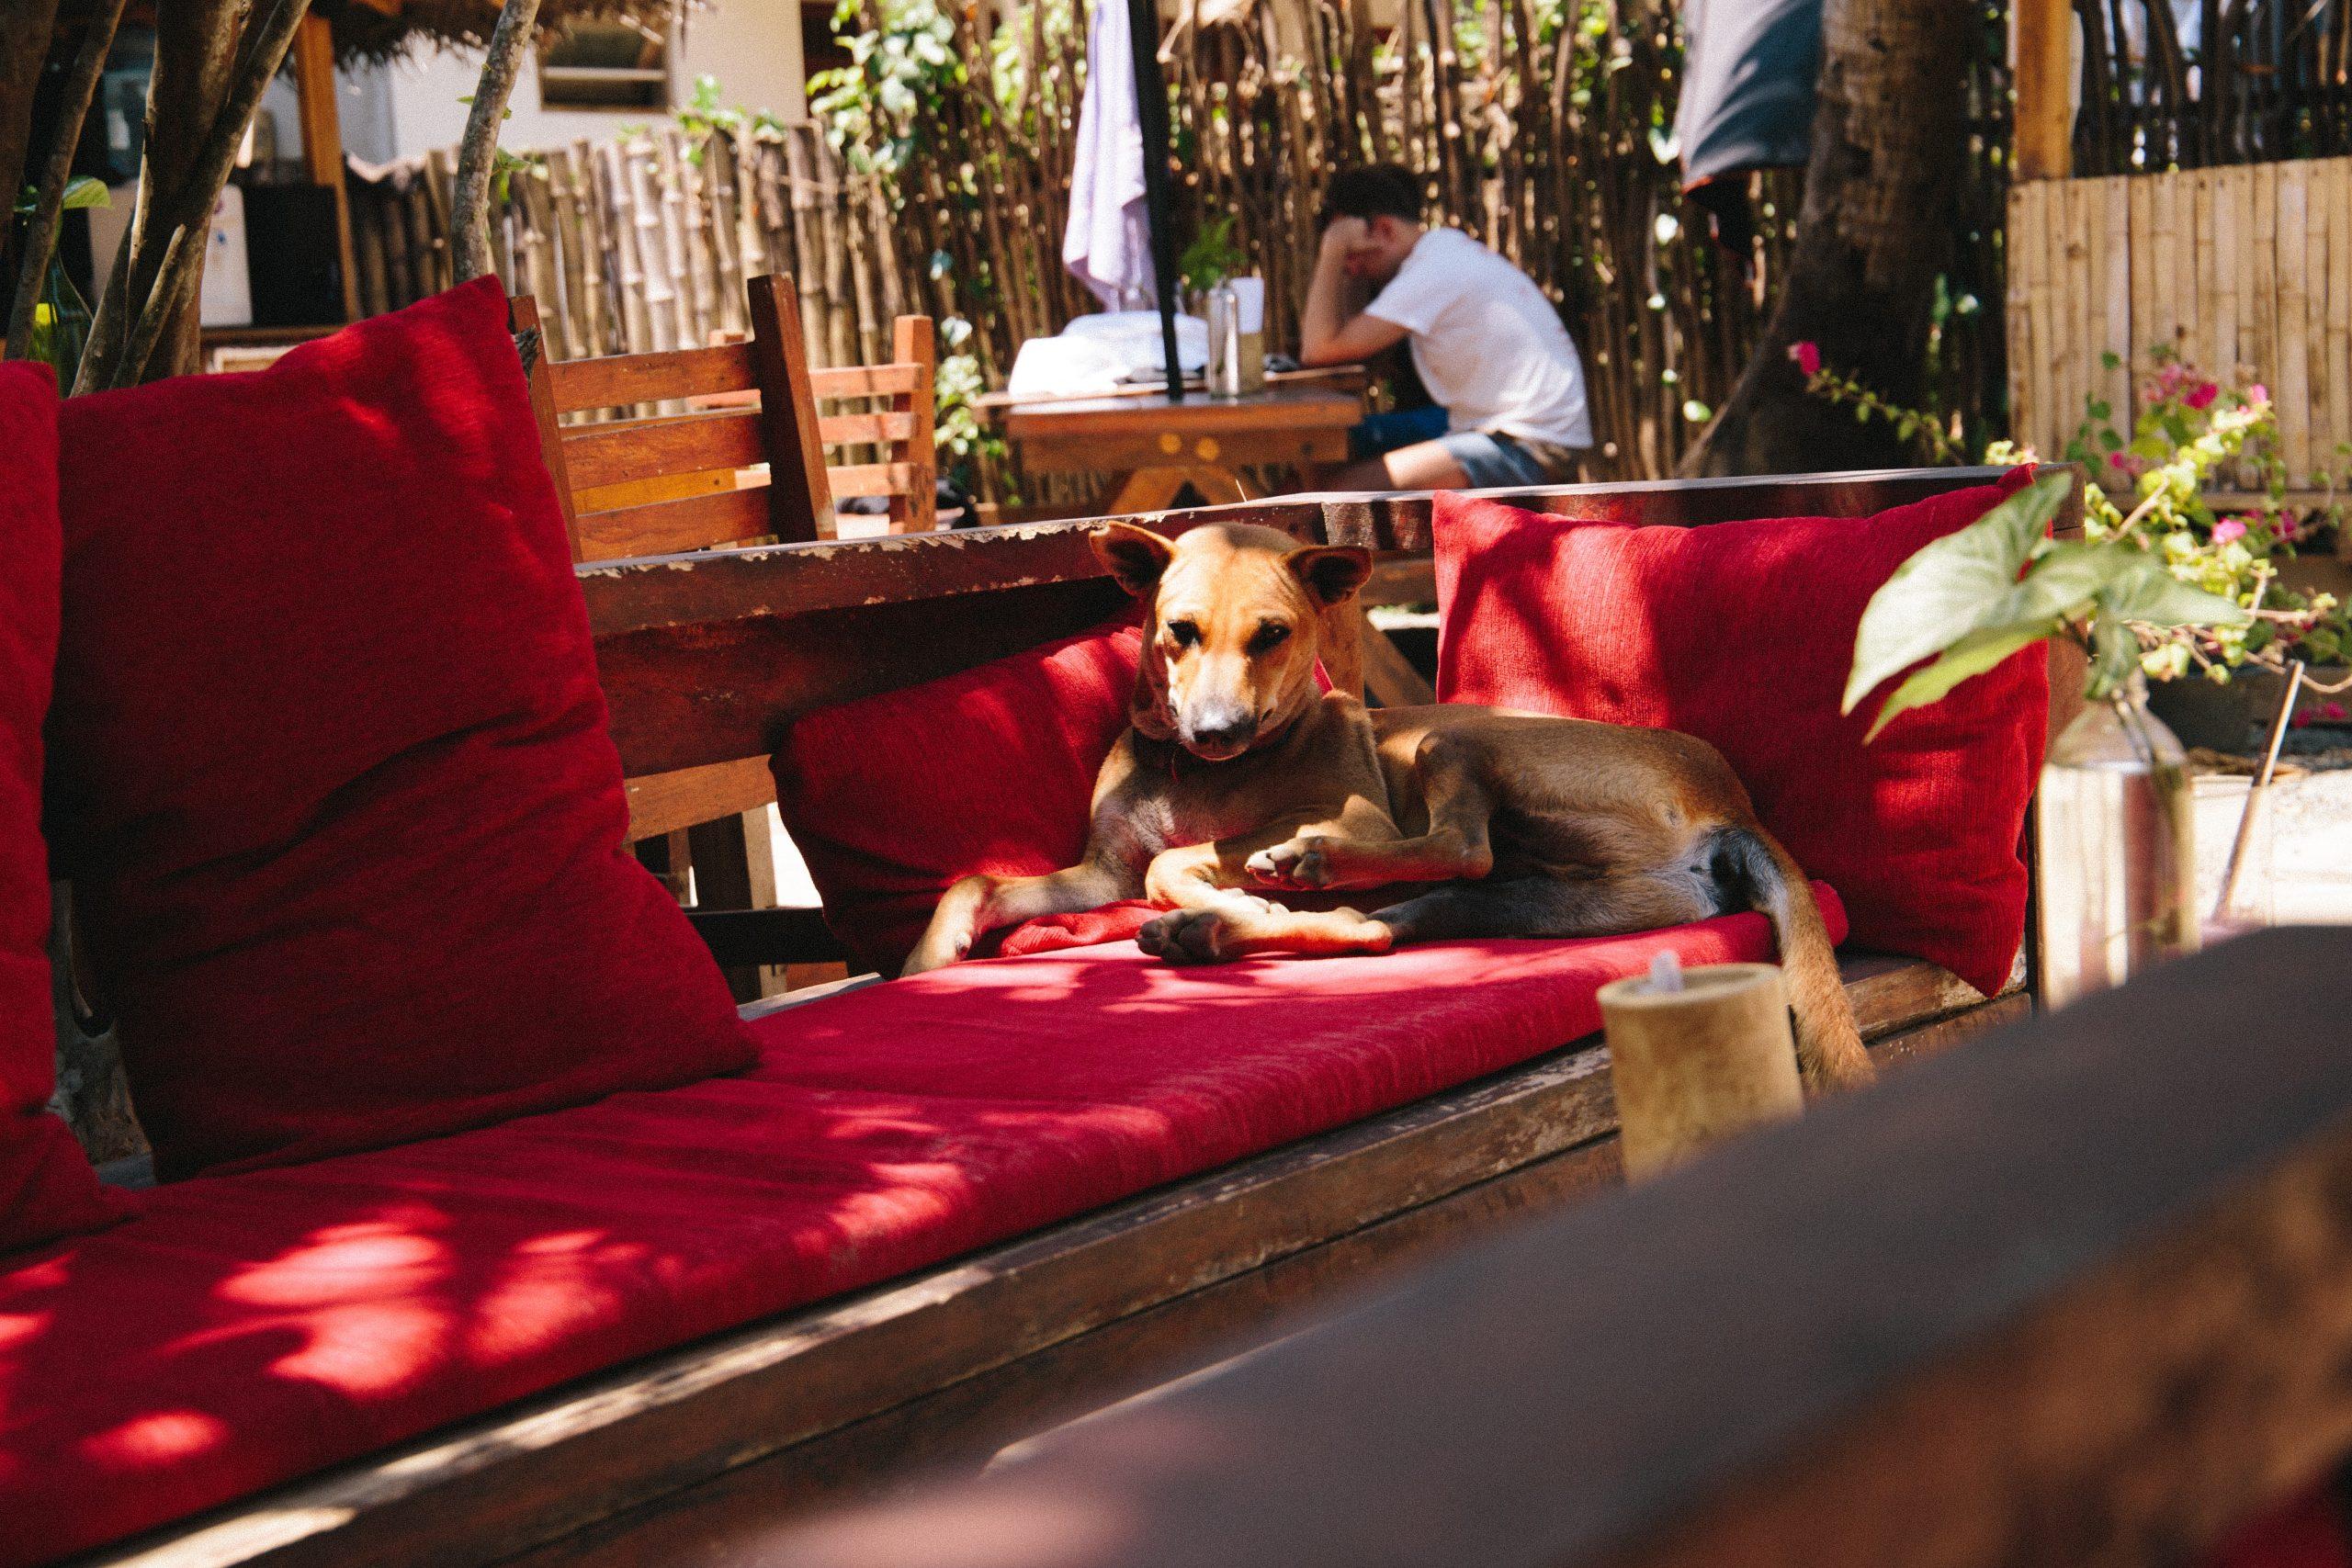 Na foto um cachorro deitado em cima de um banco em uma área externa.